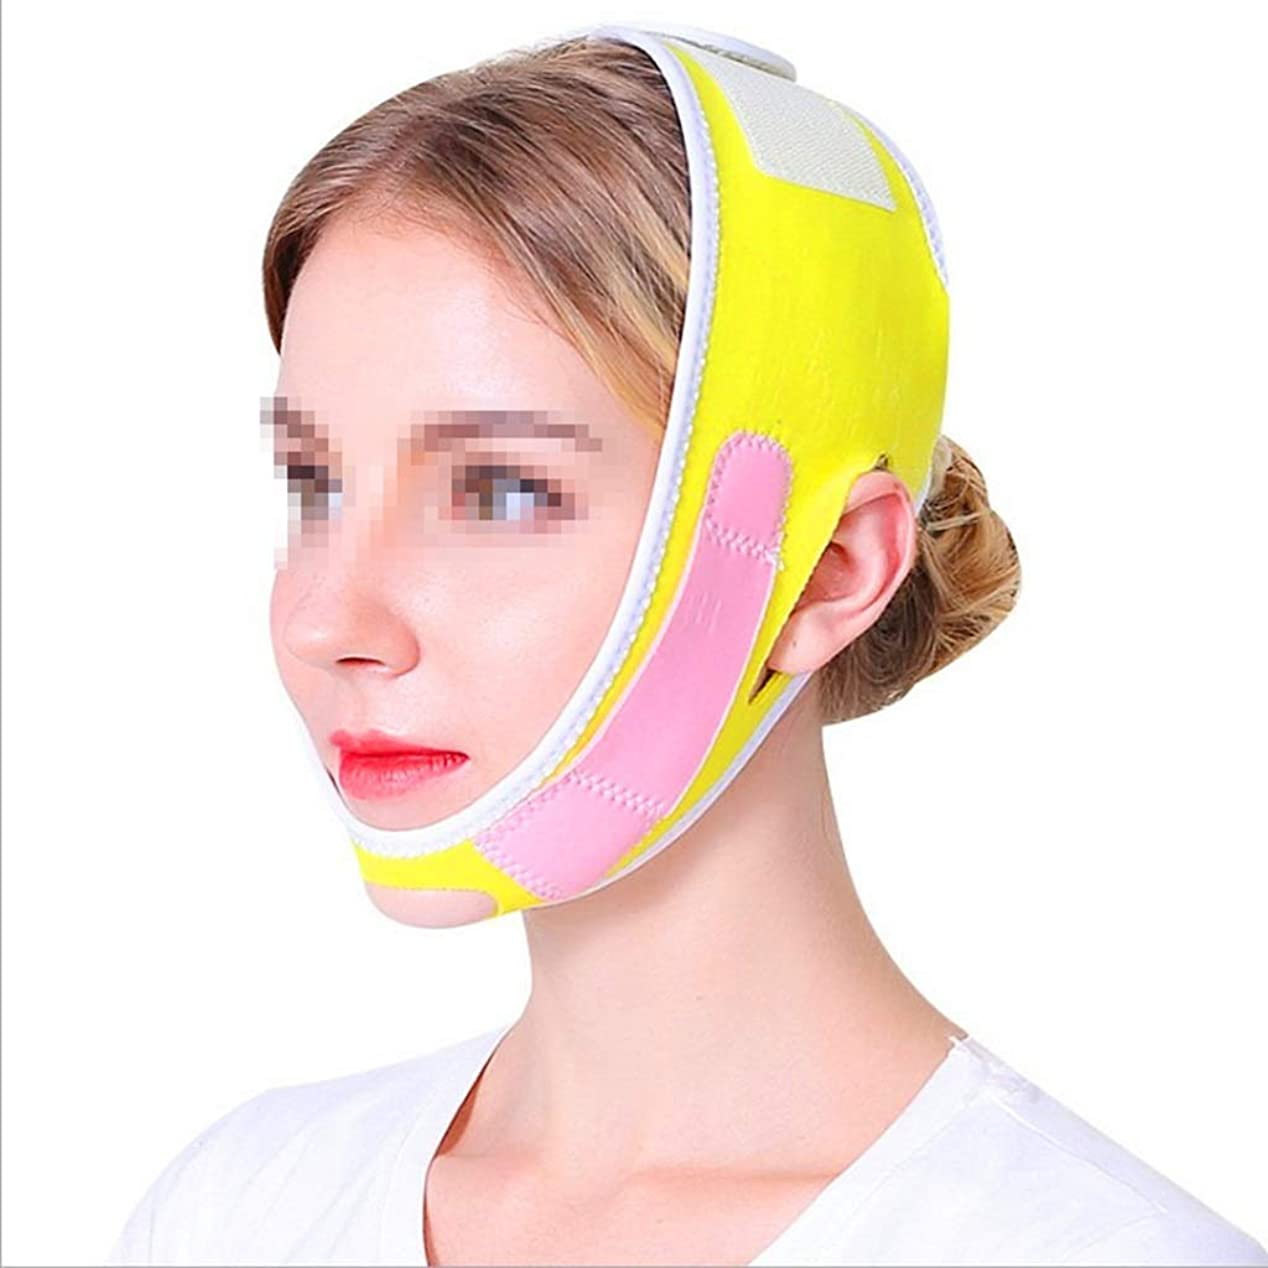 ハーフ検出可能技術者フェイスリフトマスク、Vフェイスフェイシャルリフティング、およびローラインにしっかりと締め付けます二重あごの美容整形包帯マルチカラーオプション(カラー:イエロー),黄